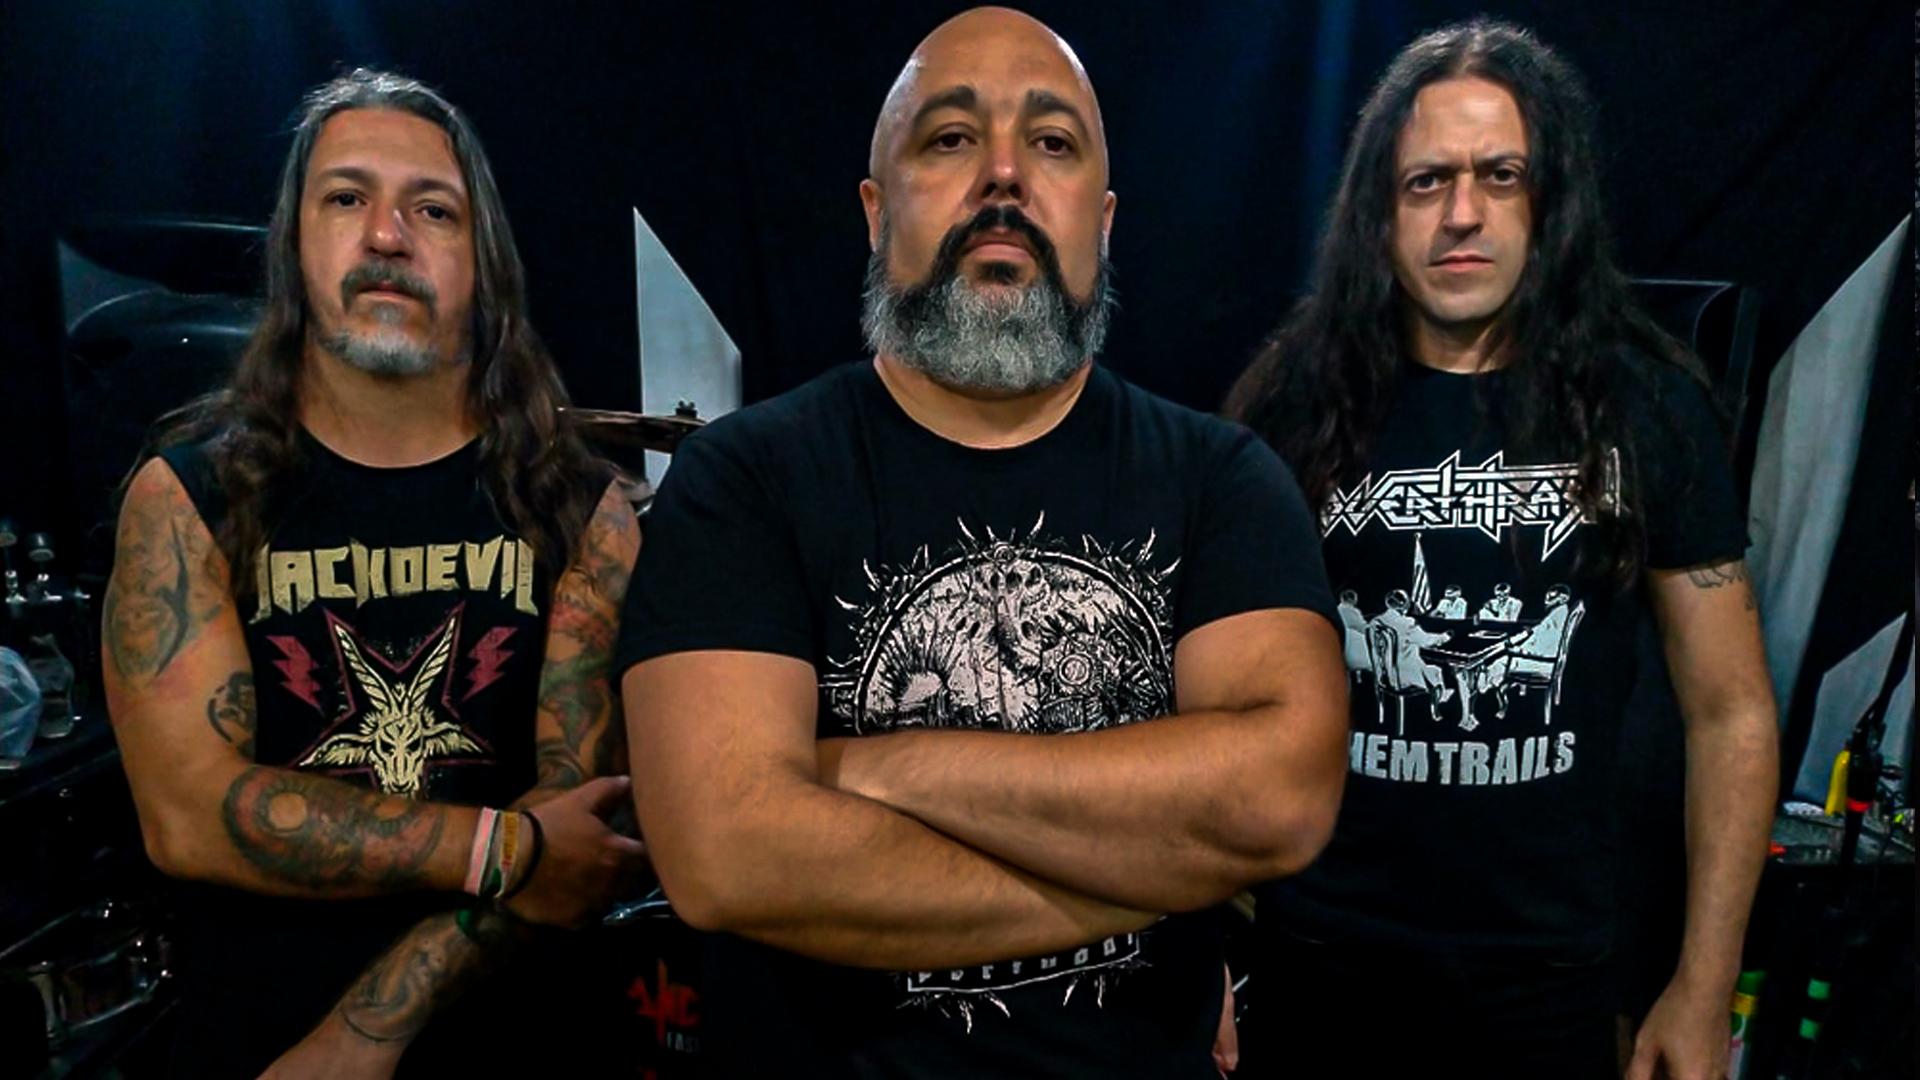 Andre Mellado é o novo baixista do Andralls